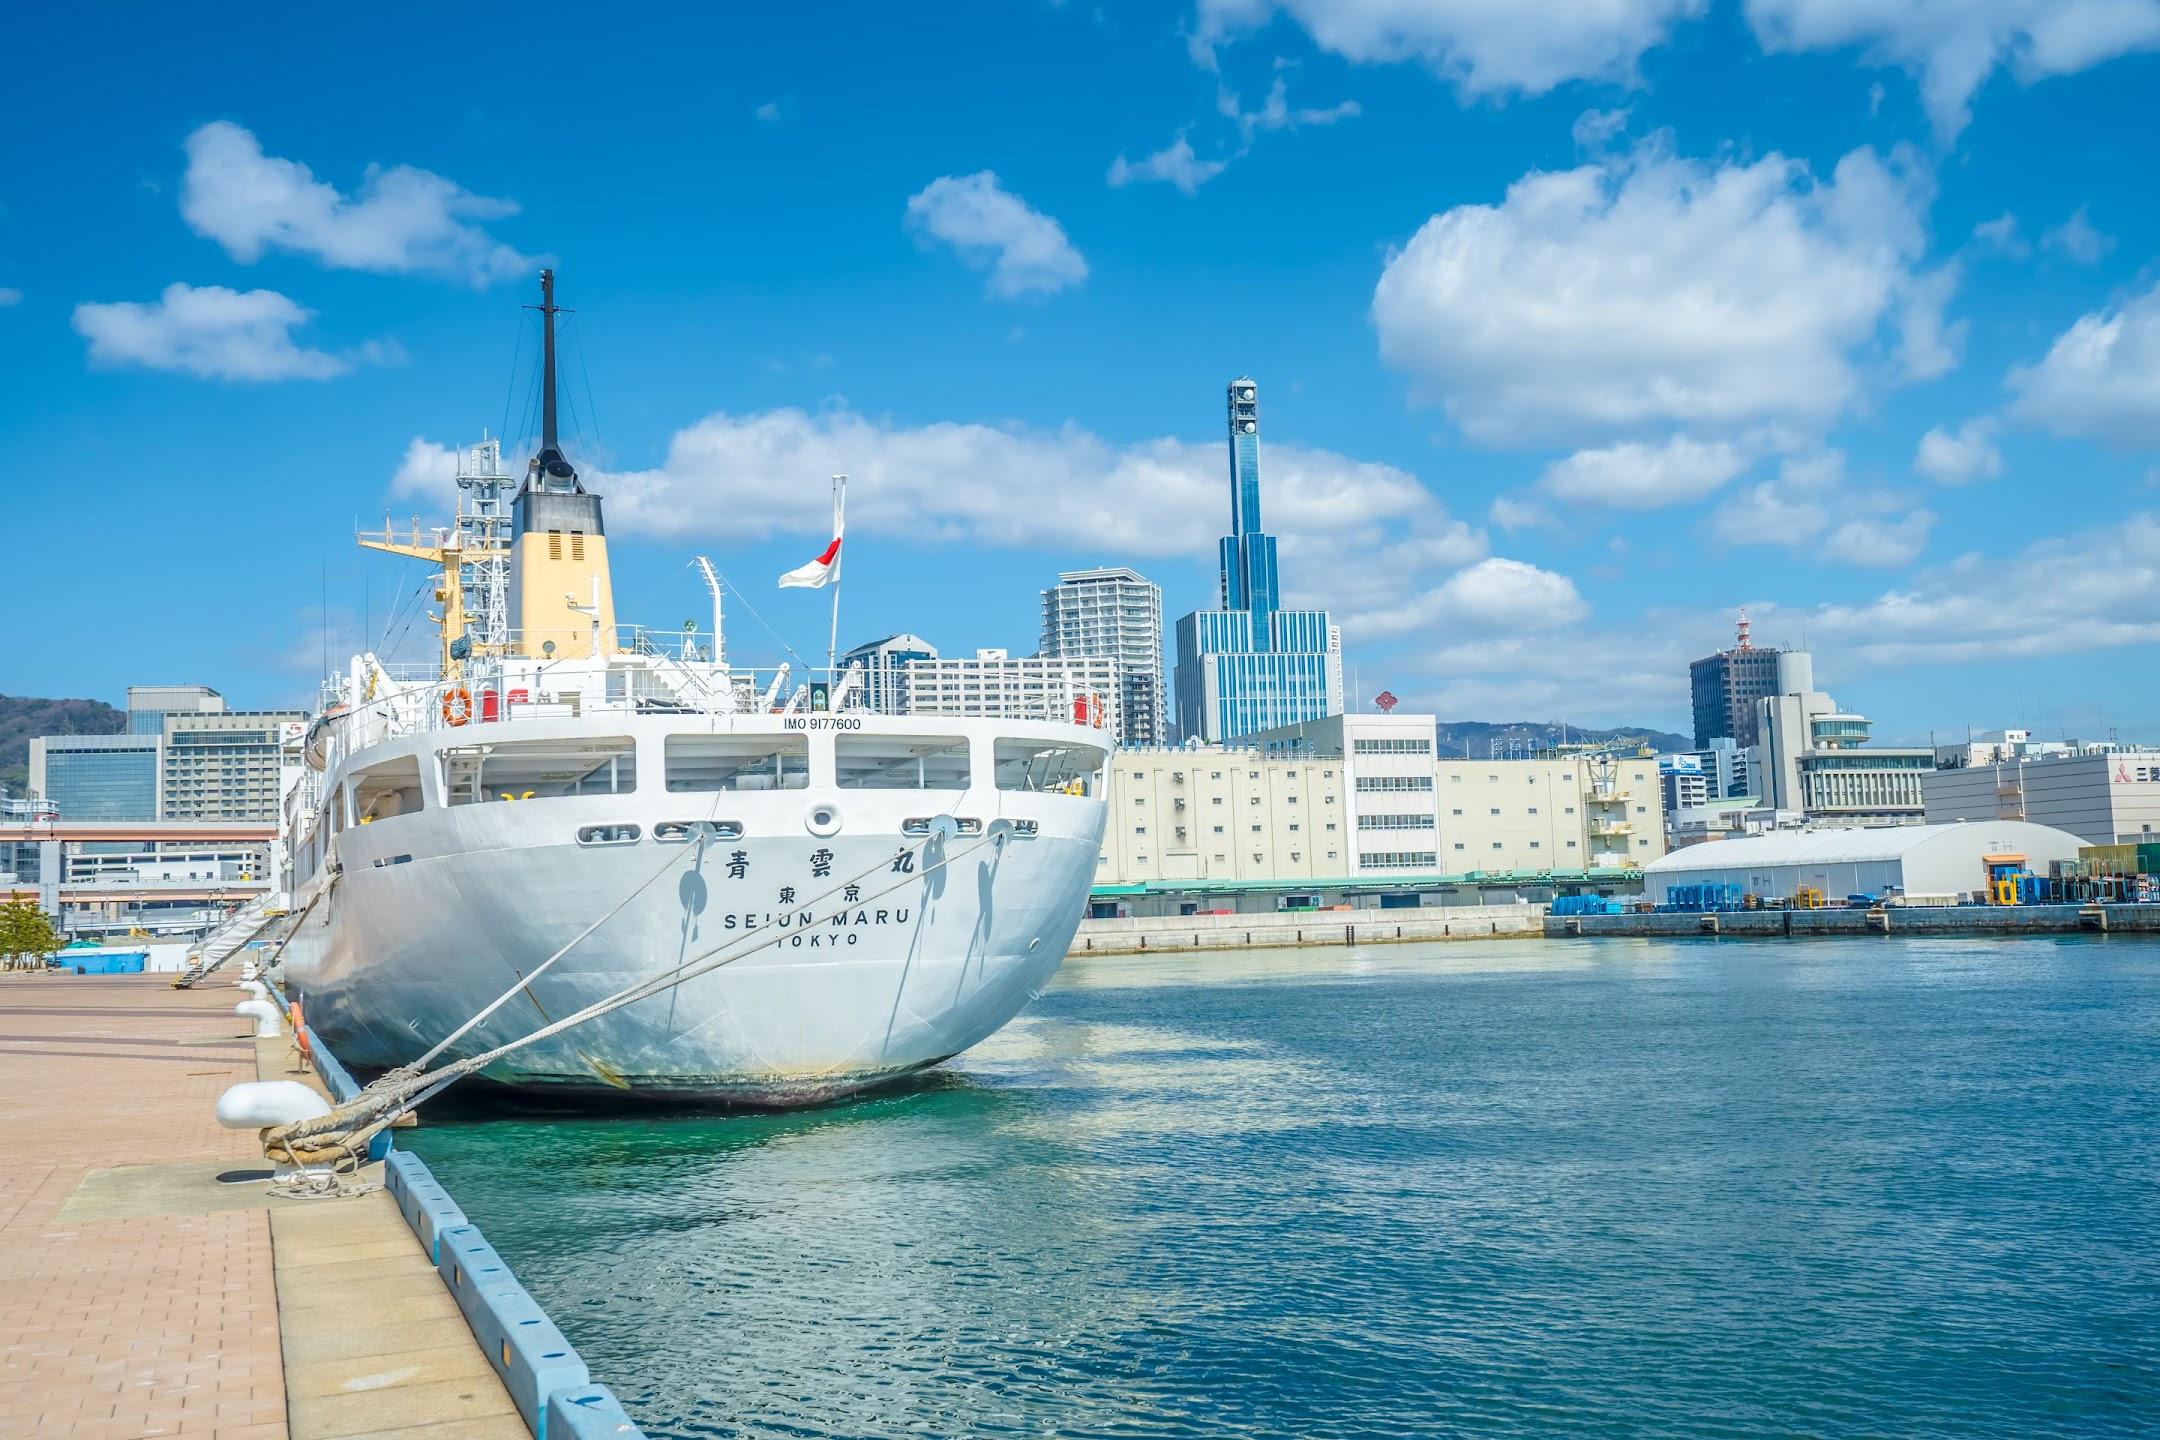 Kobe ship1